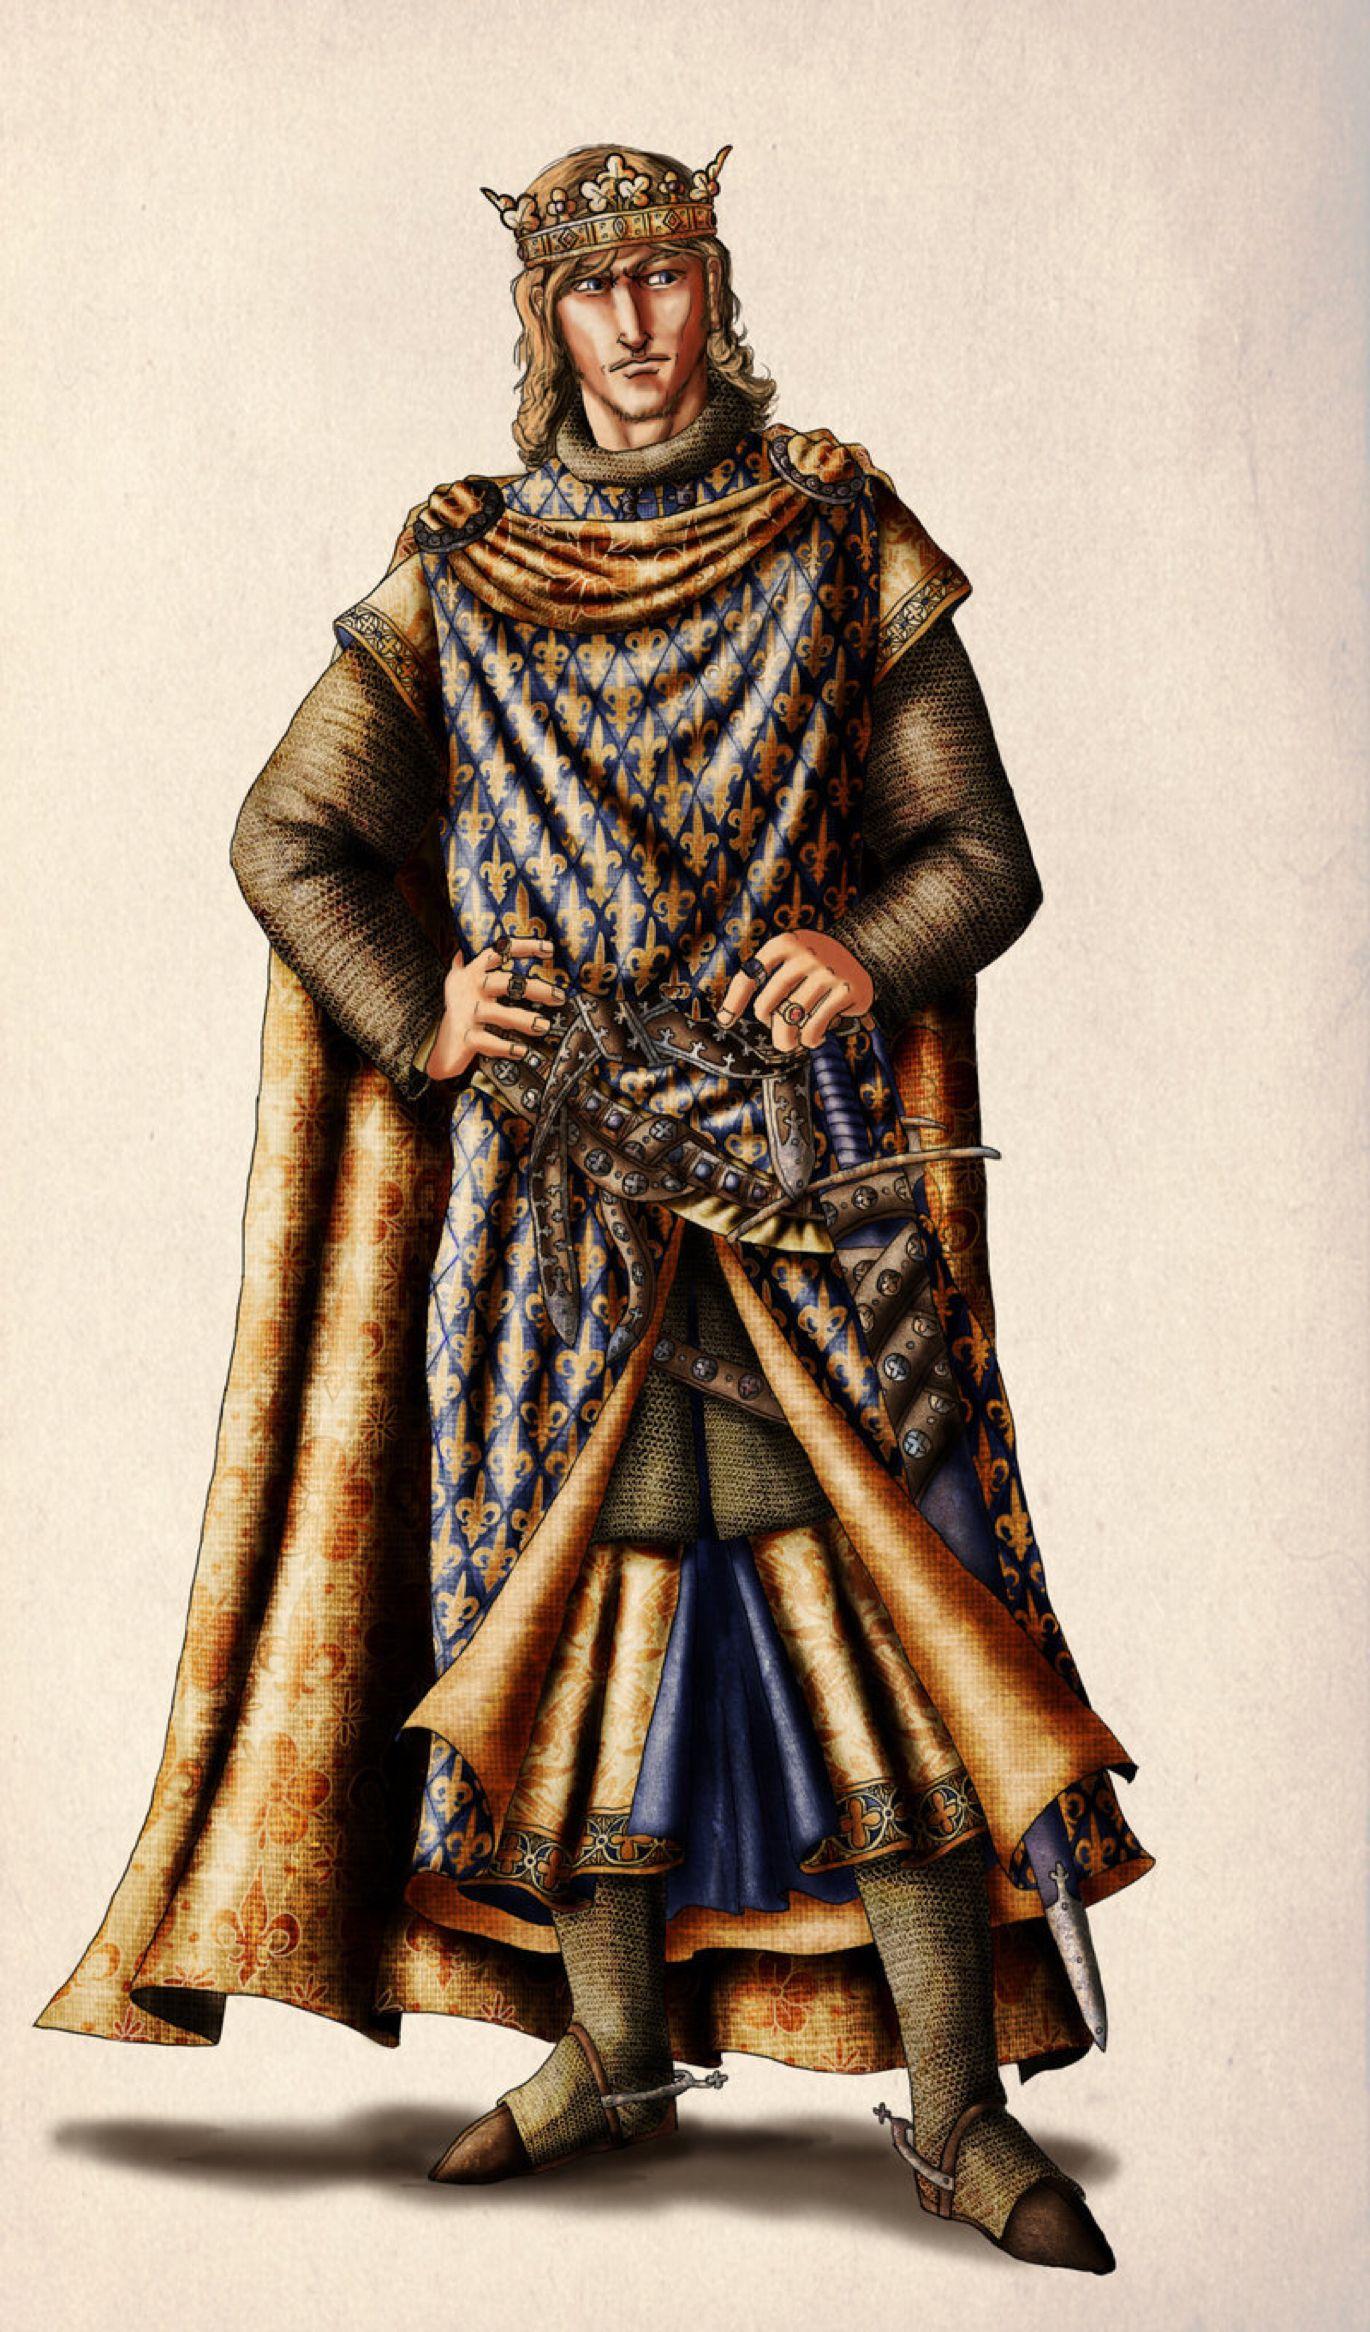 Картинки короля средневековья